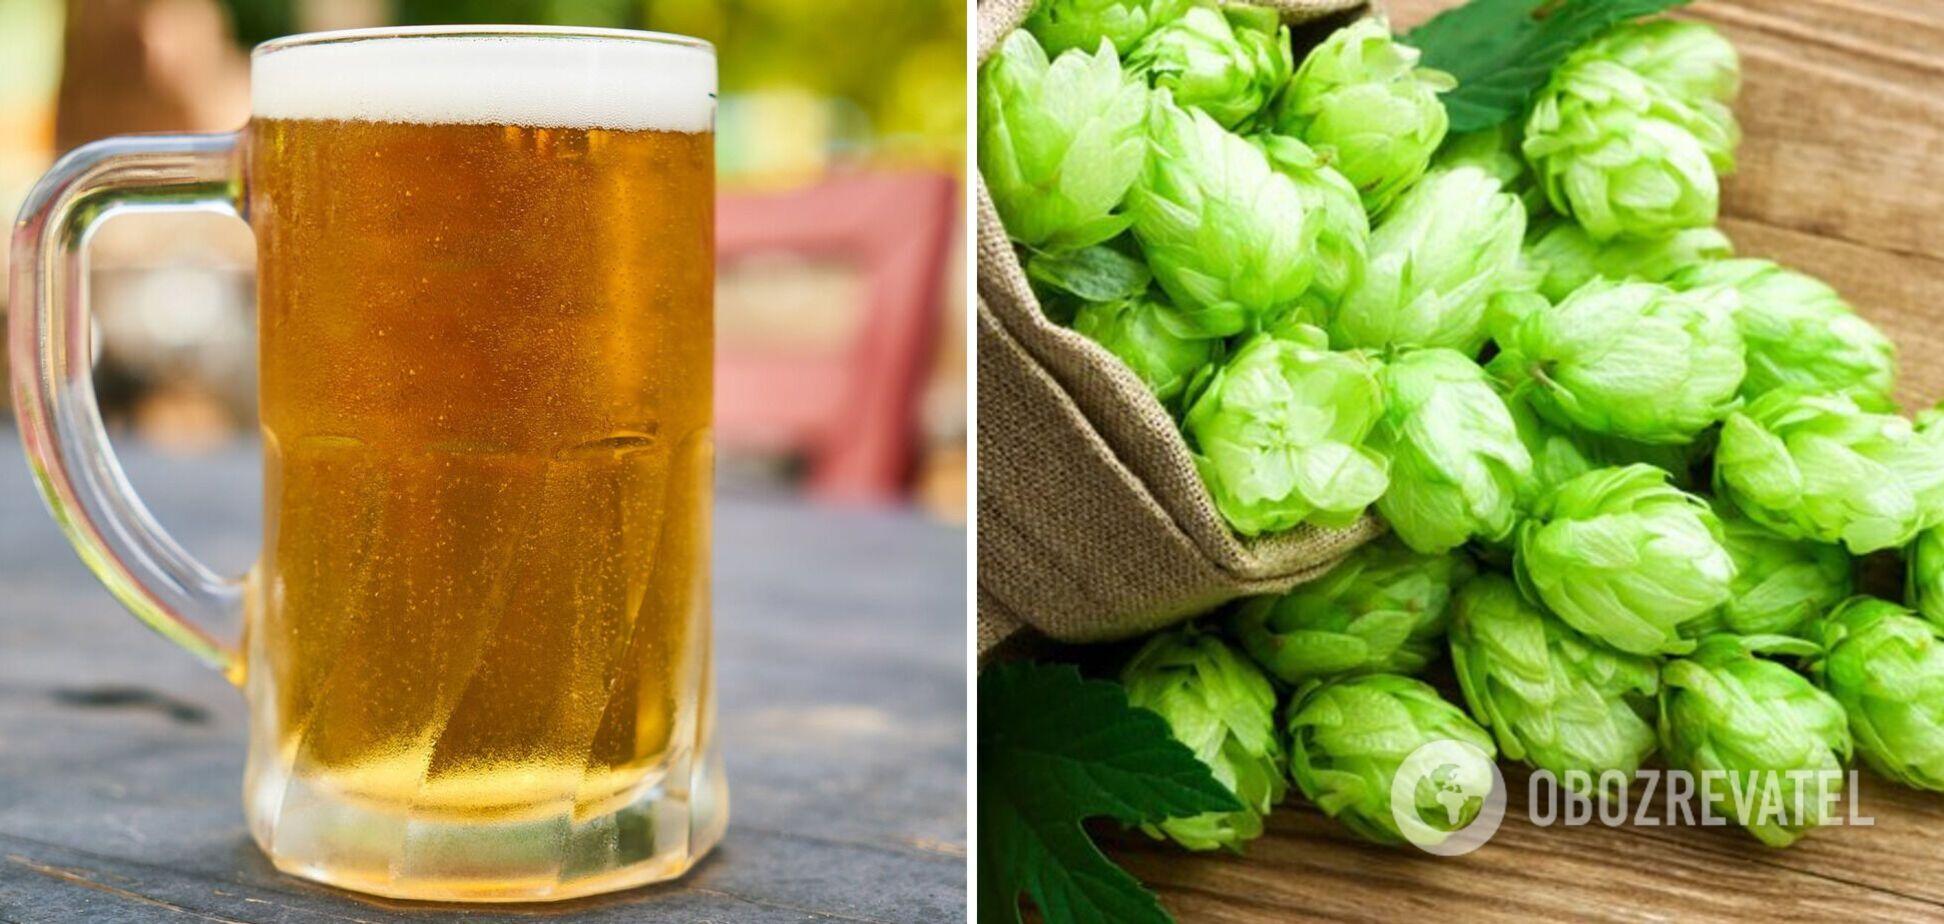 Пиво легко приготовить дома: вкусный напиток с хмелем и медом